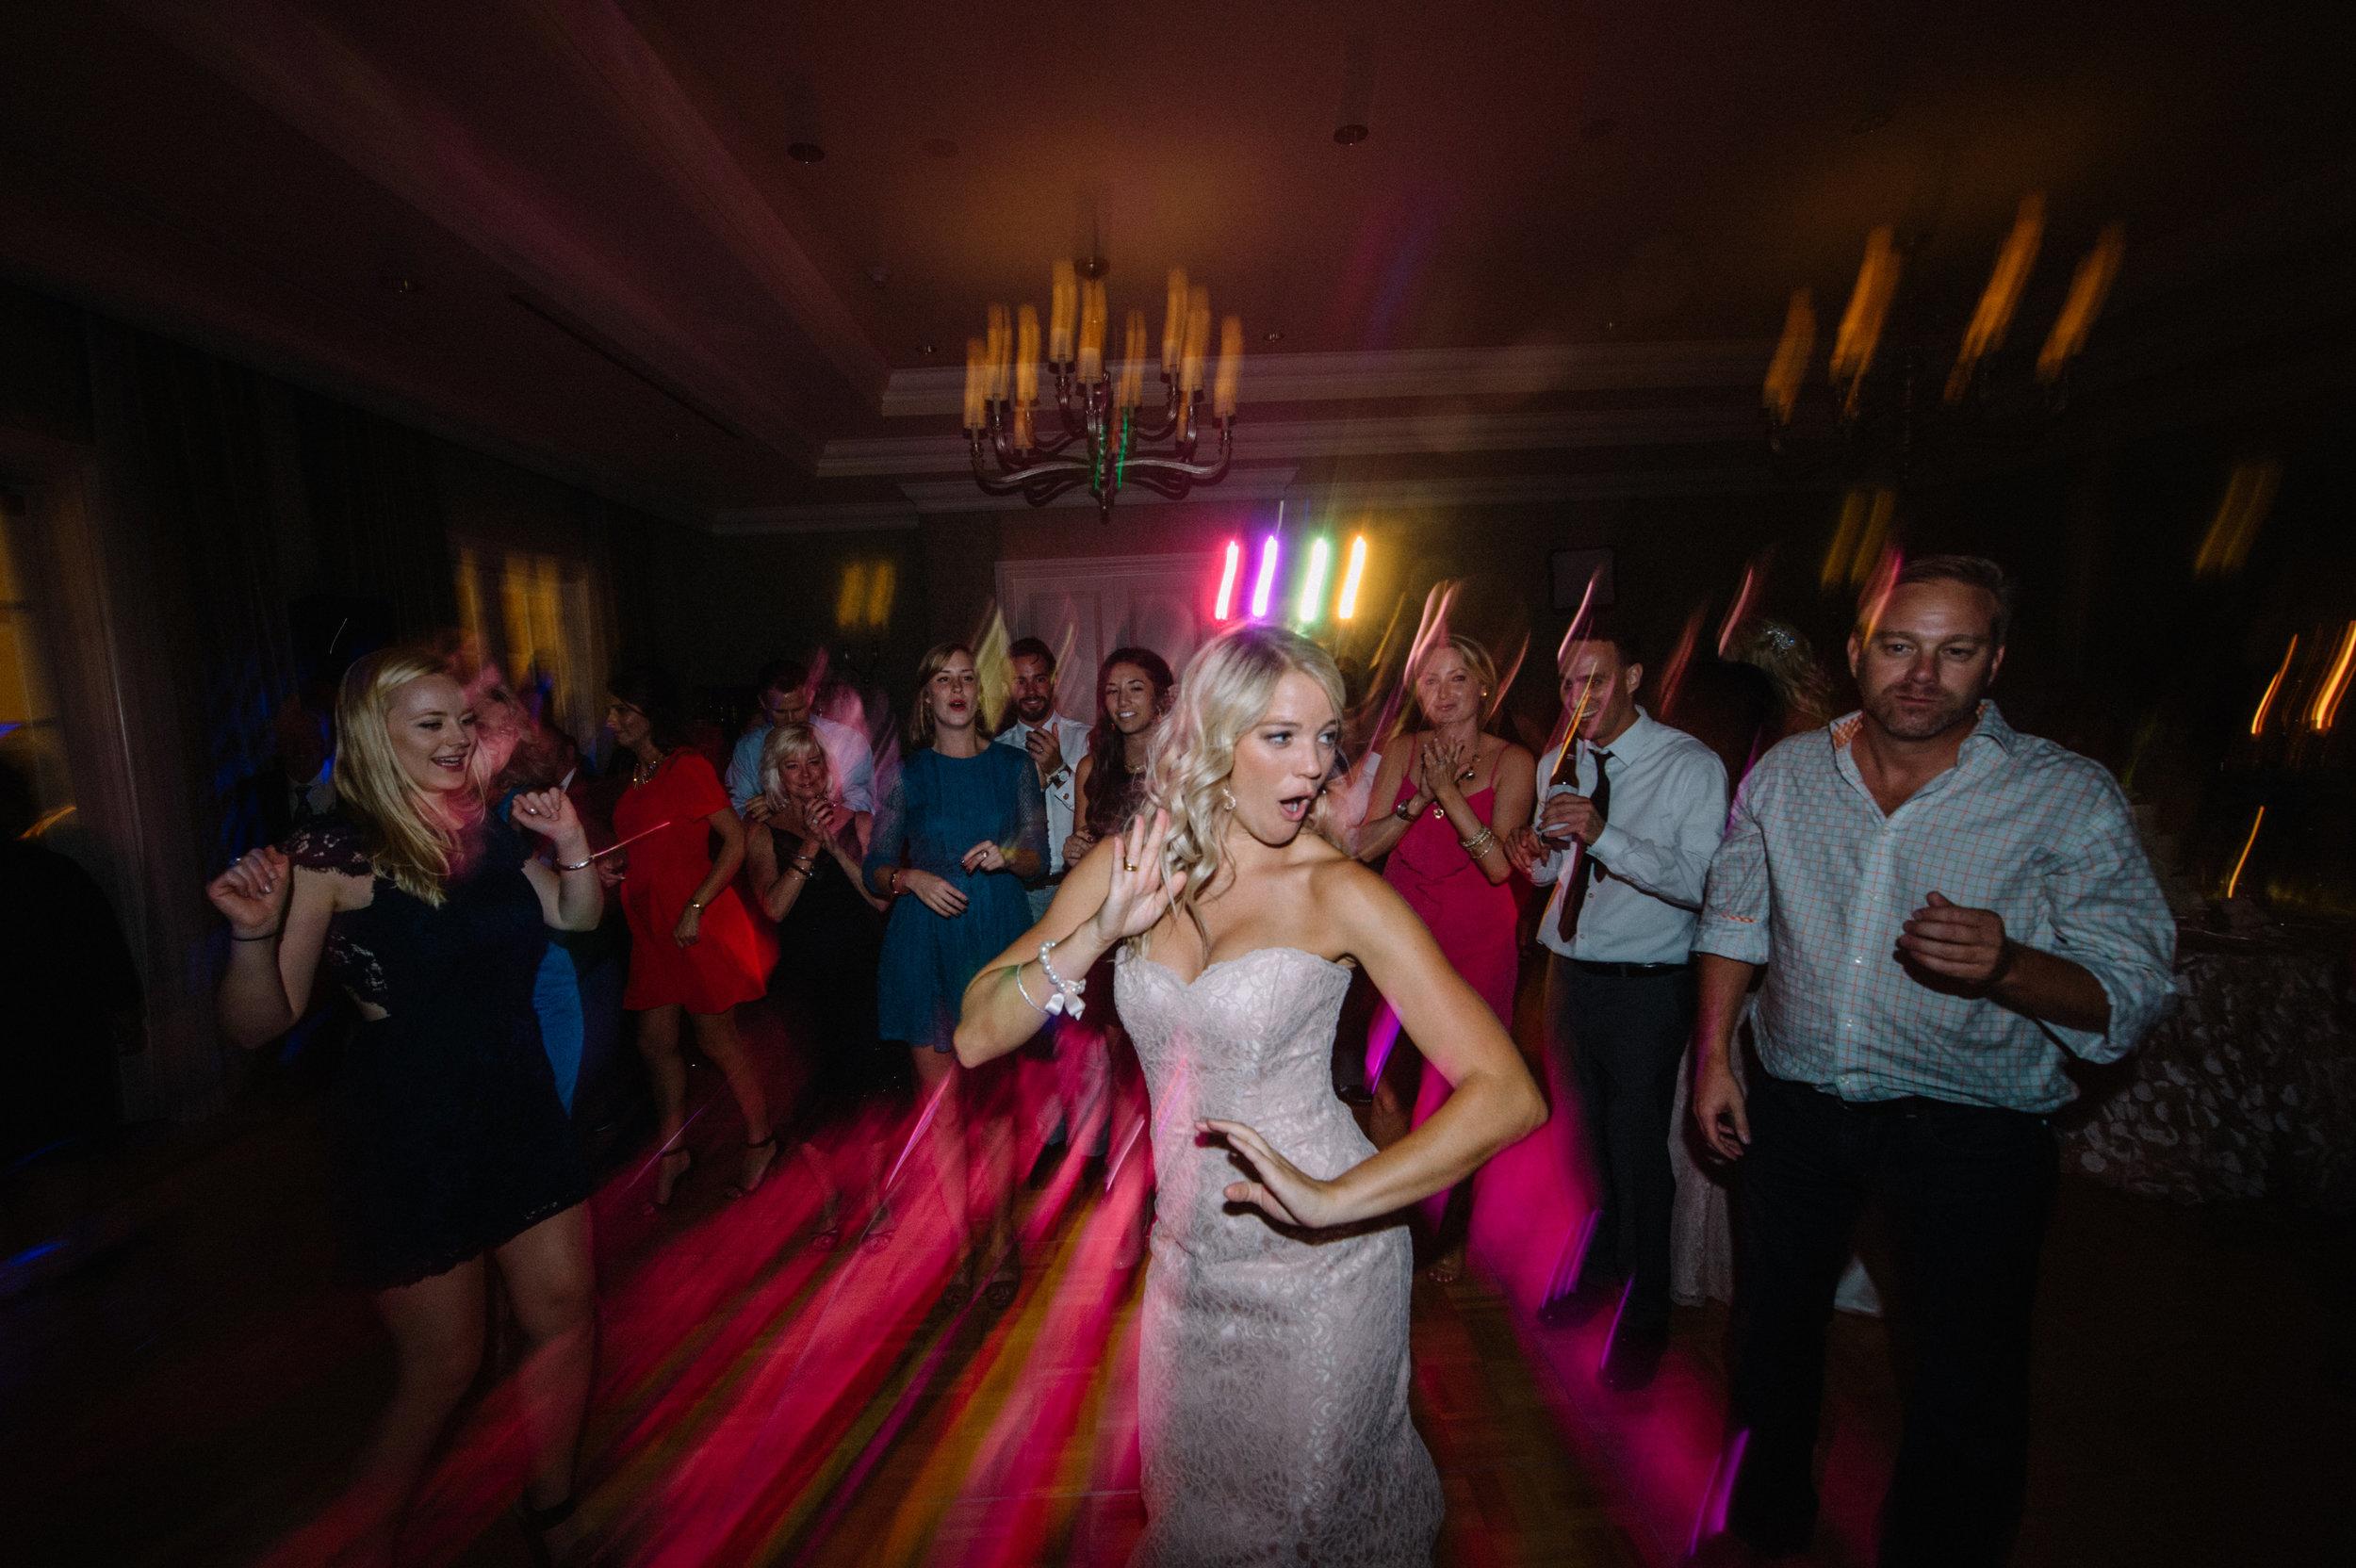 Wedding dance floor lighting - Park Hyatt Aviara Resort, Carlsbad